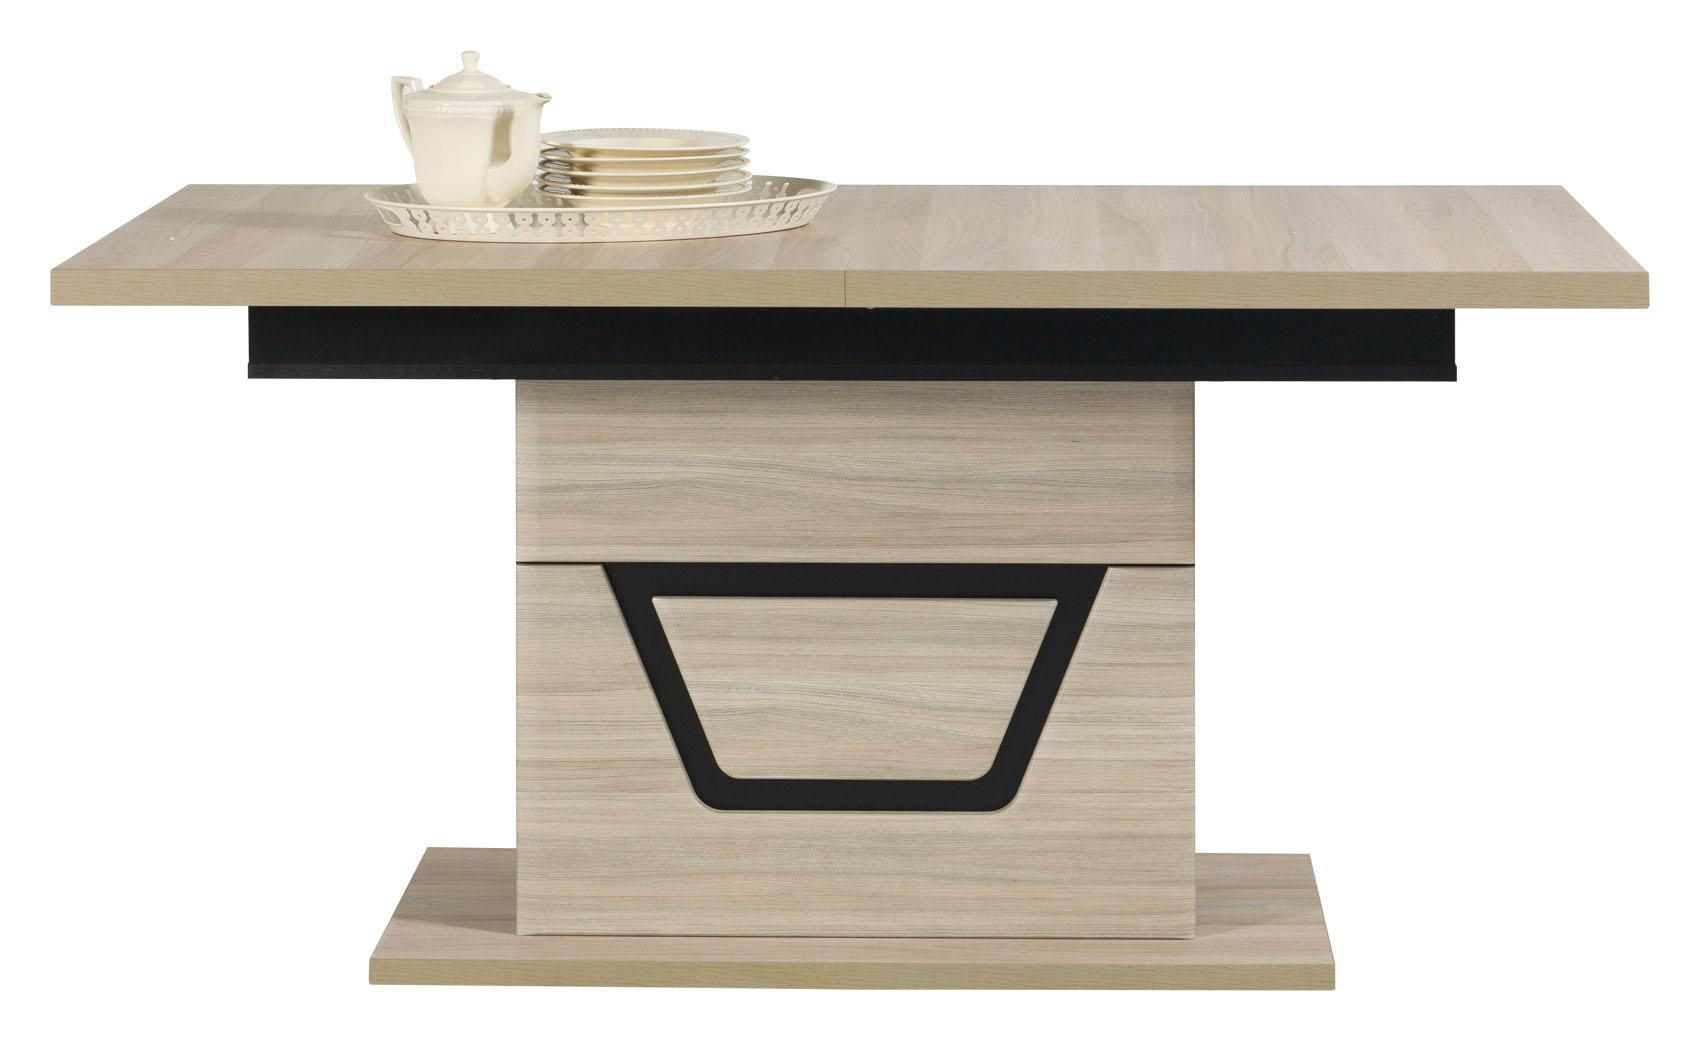 Jedálenský stôl - Bog Fran - Tes - TS 9 (pre 6 až 8 osôb) (brest matný). Sme autorizovaný predajca Bog Fran. Vlastná spoľahlivá doprava až k Vám domov.